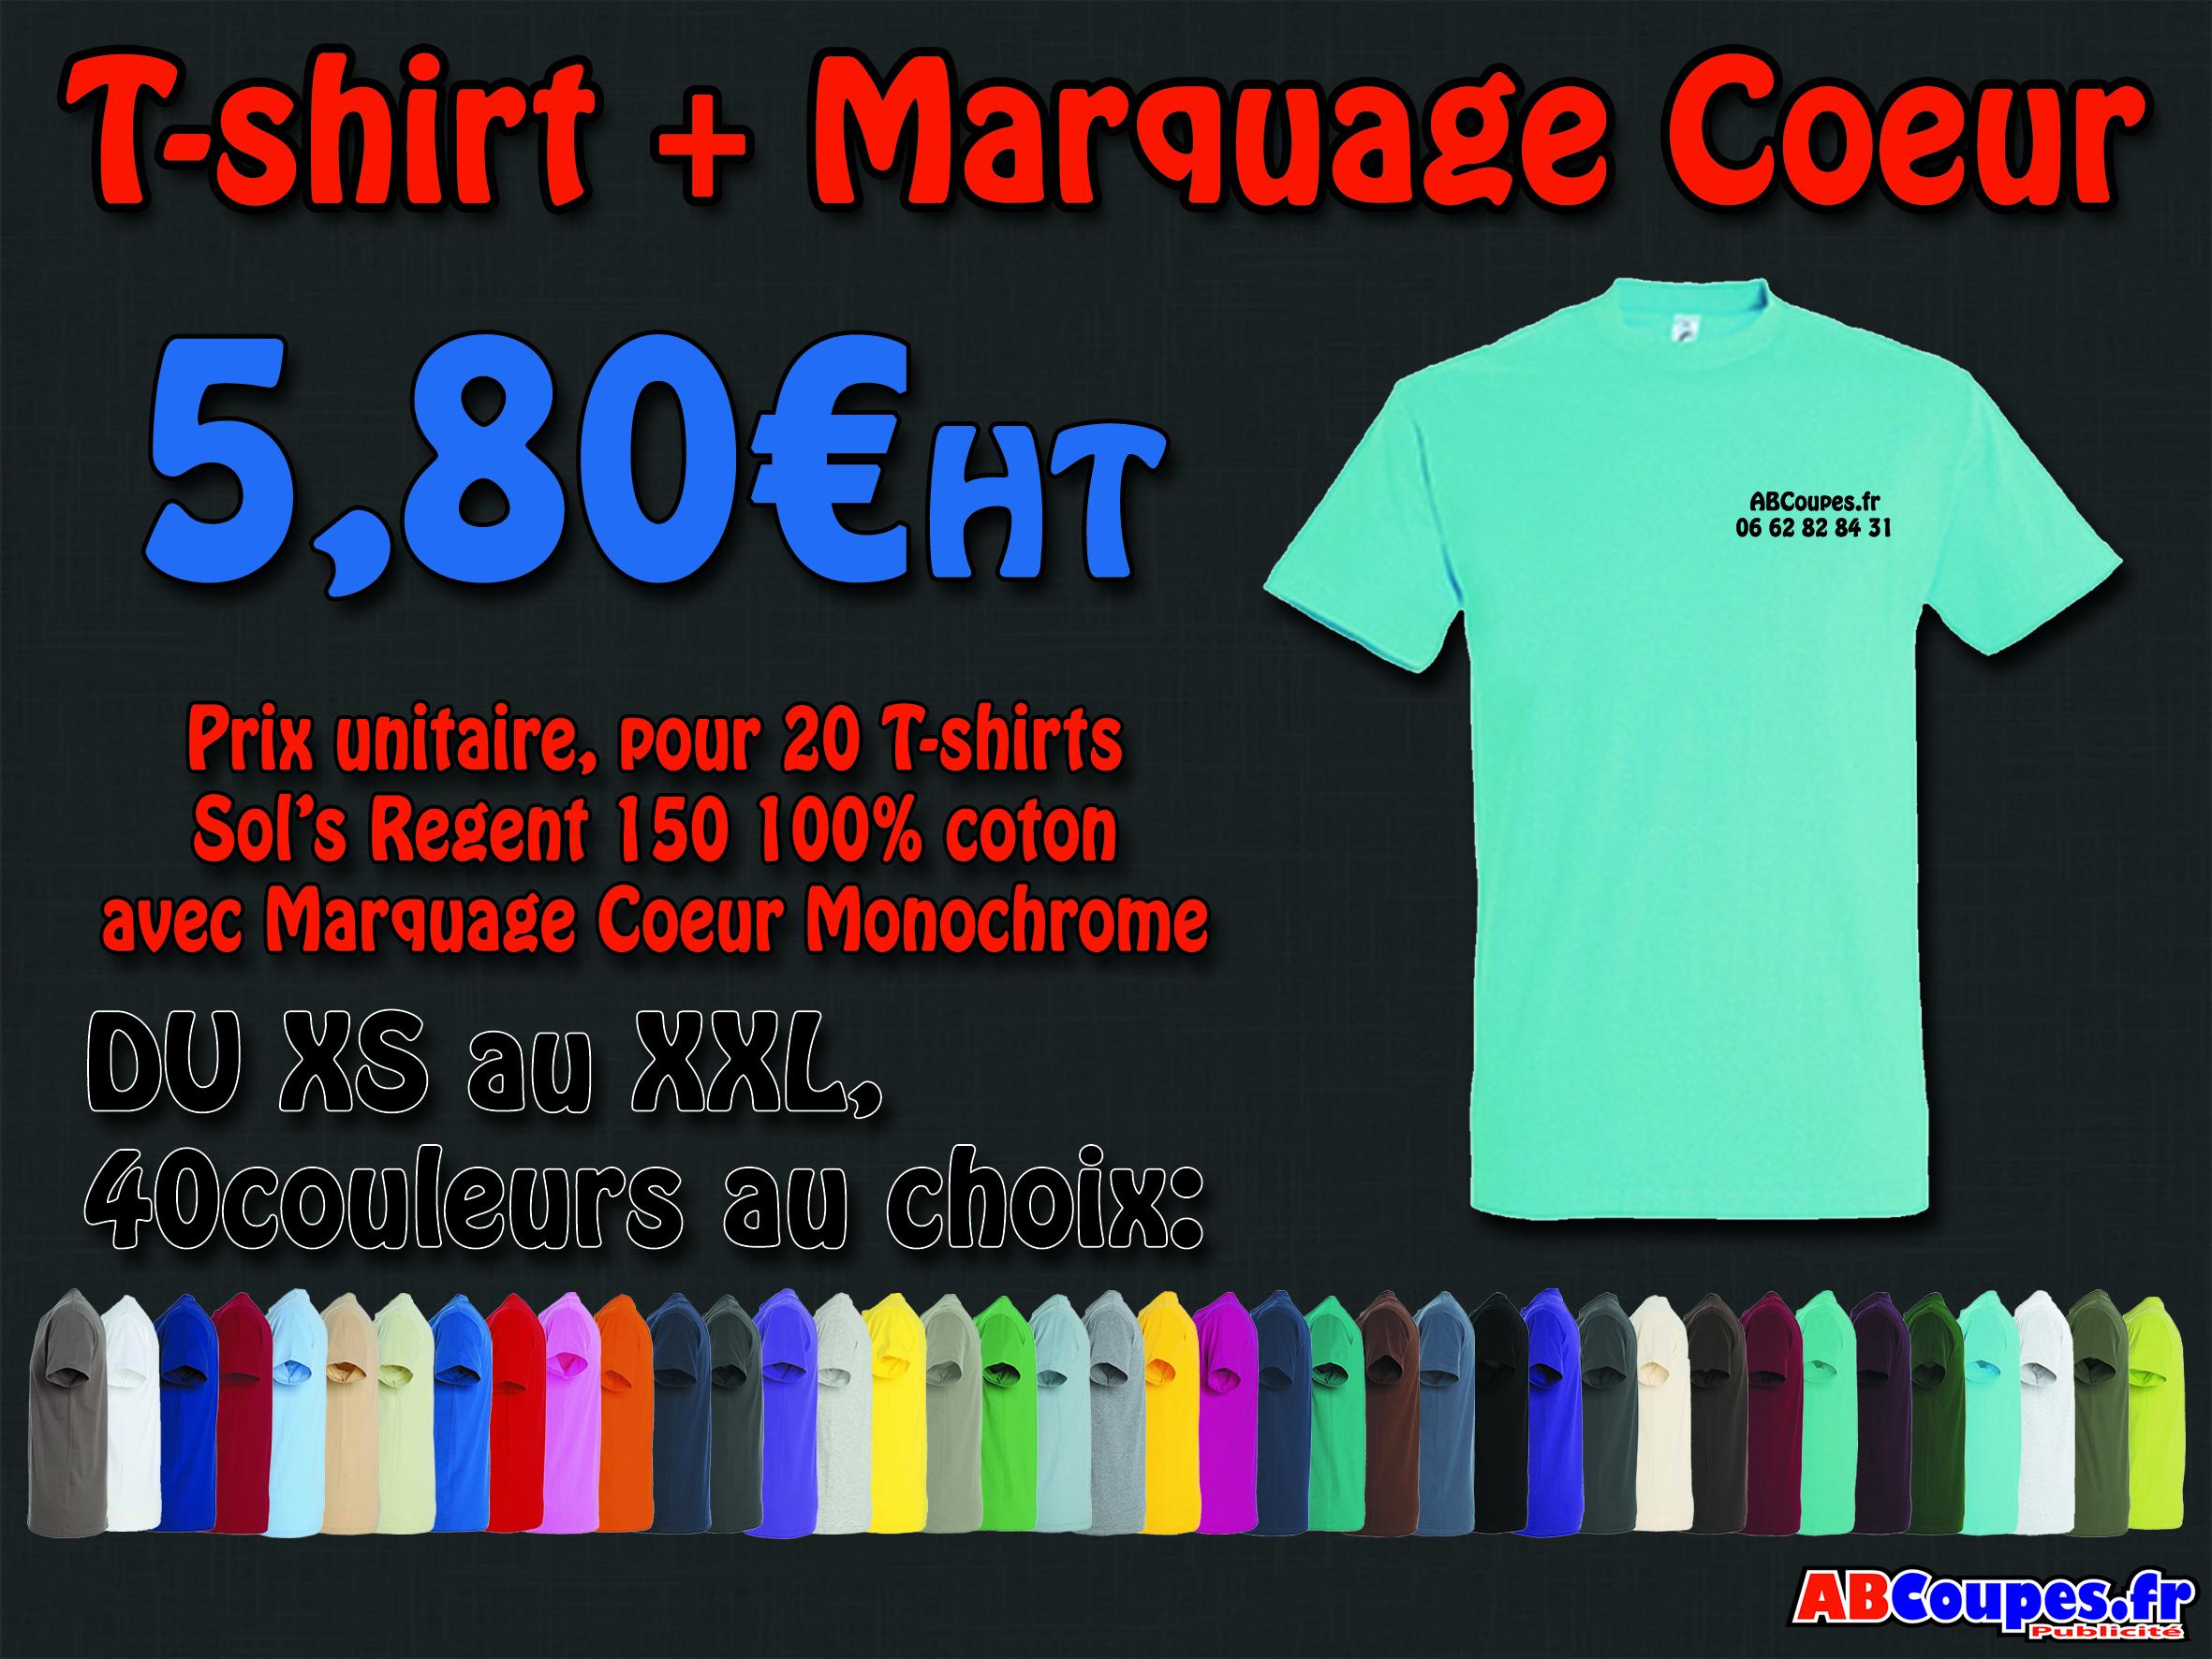 Tshirts avec marquages cœur pour 5,80€Ht